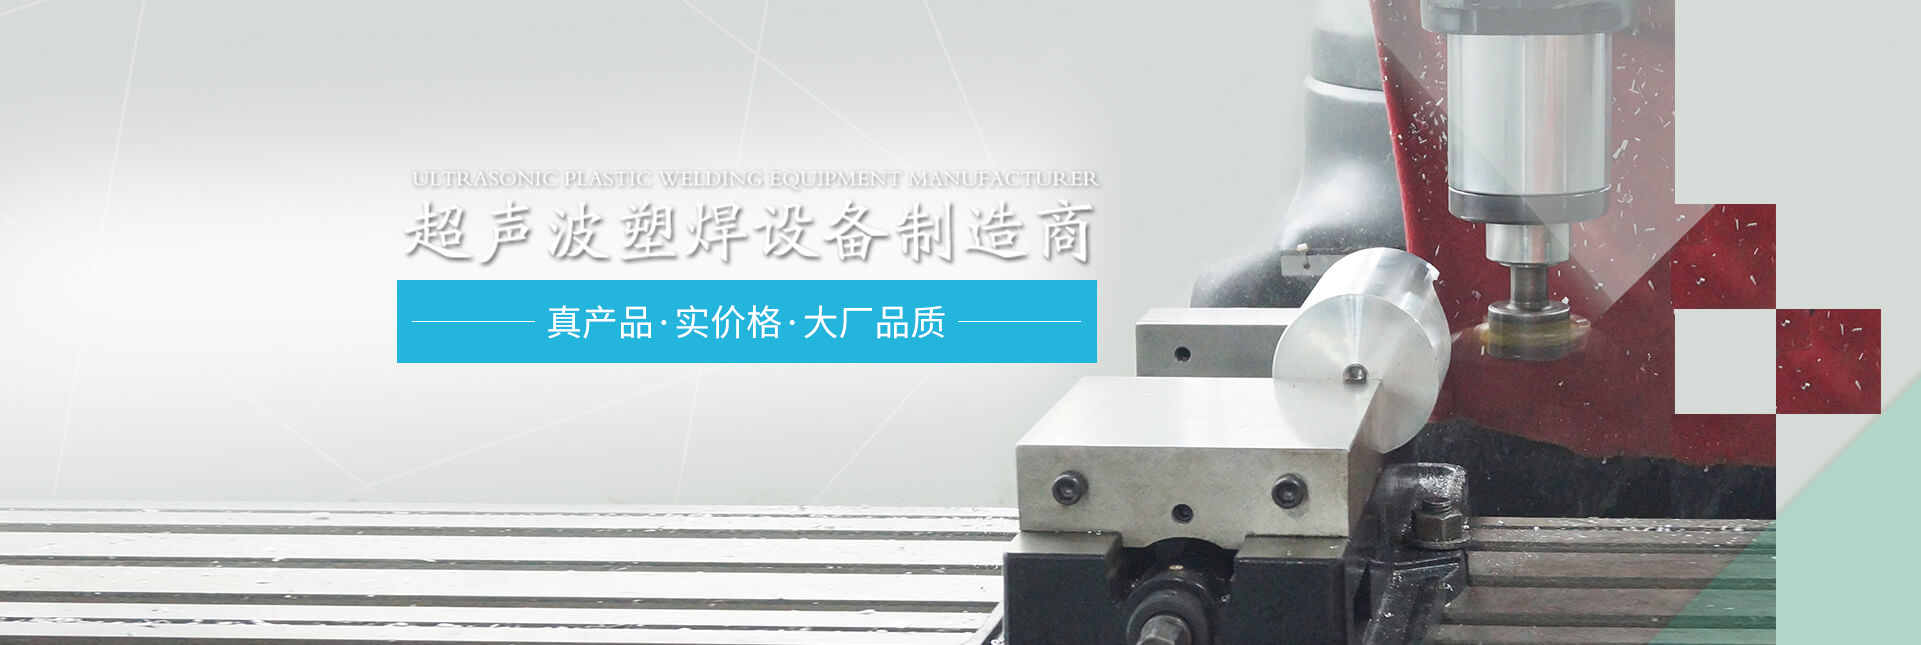 灵科-超声波塑焊设备制造商